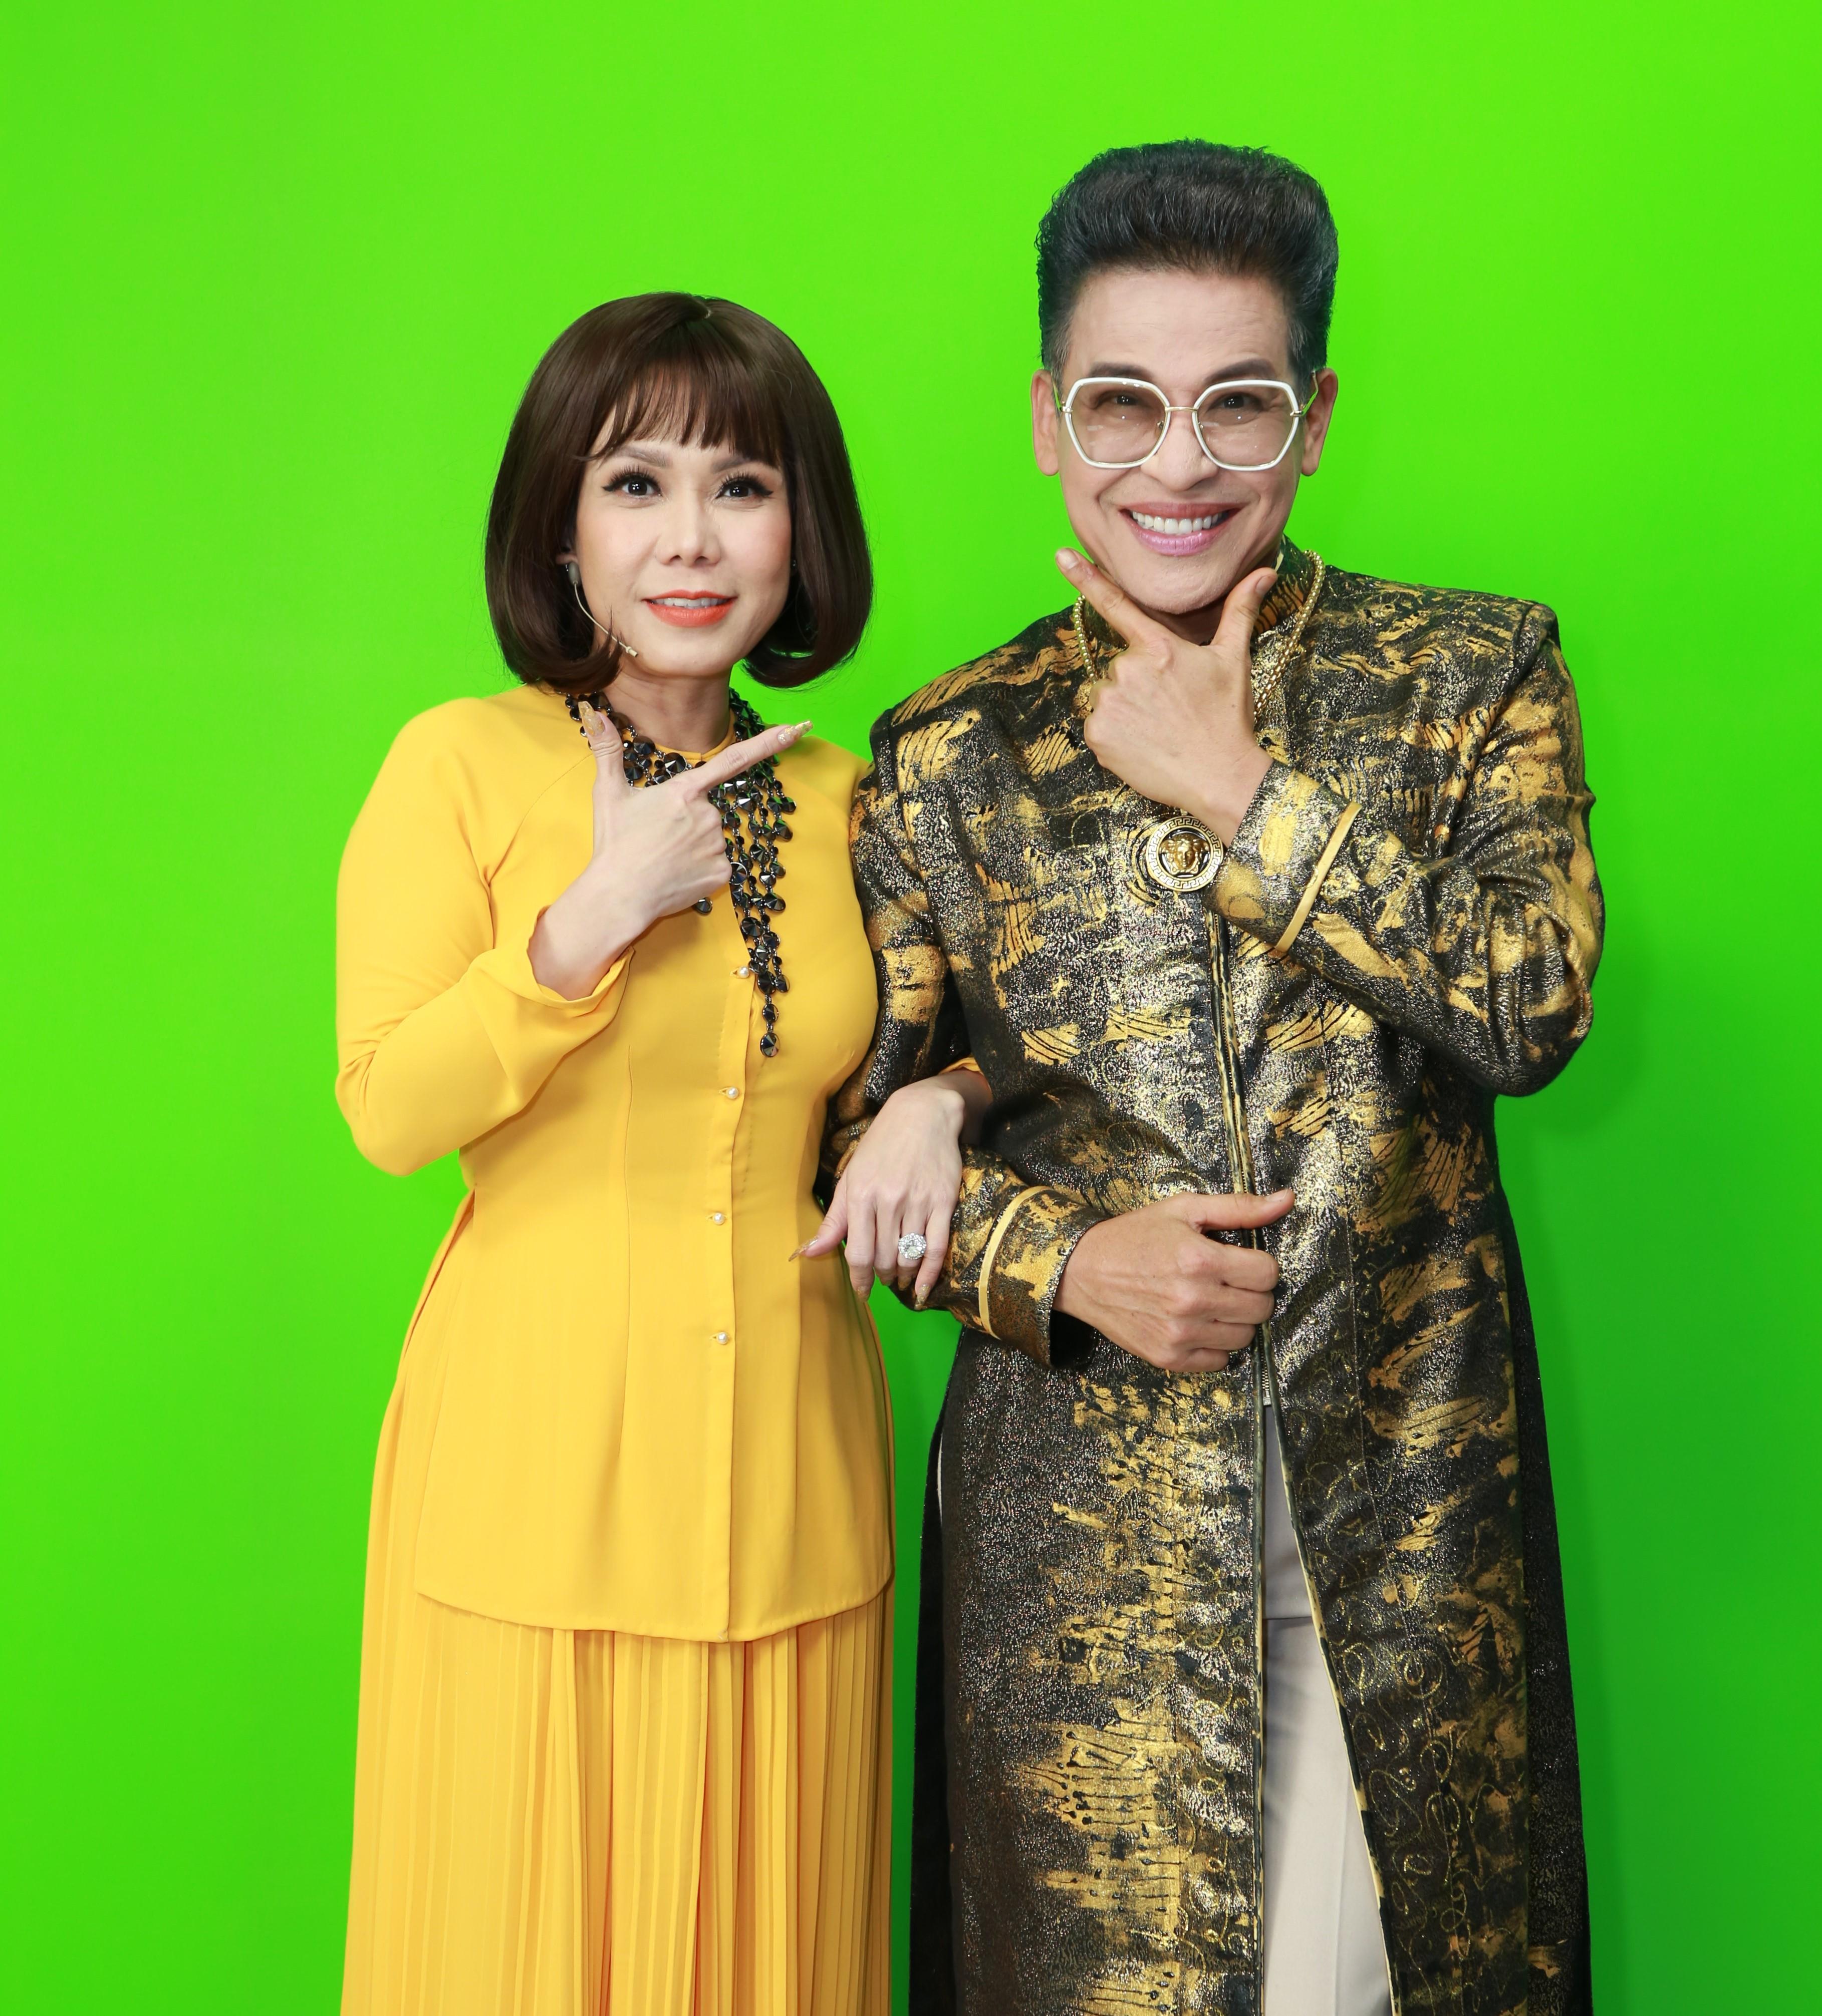 Nghệ sĩ Việt Hương - MC Thanh Bạch sẽ đảm nhiệm vai trò cầm cân nảy mực trong chương trình Cặp đôi hài hước mùa 3.